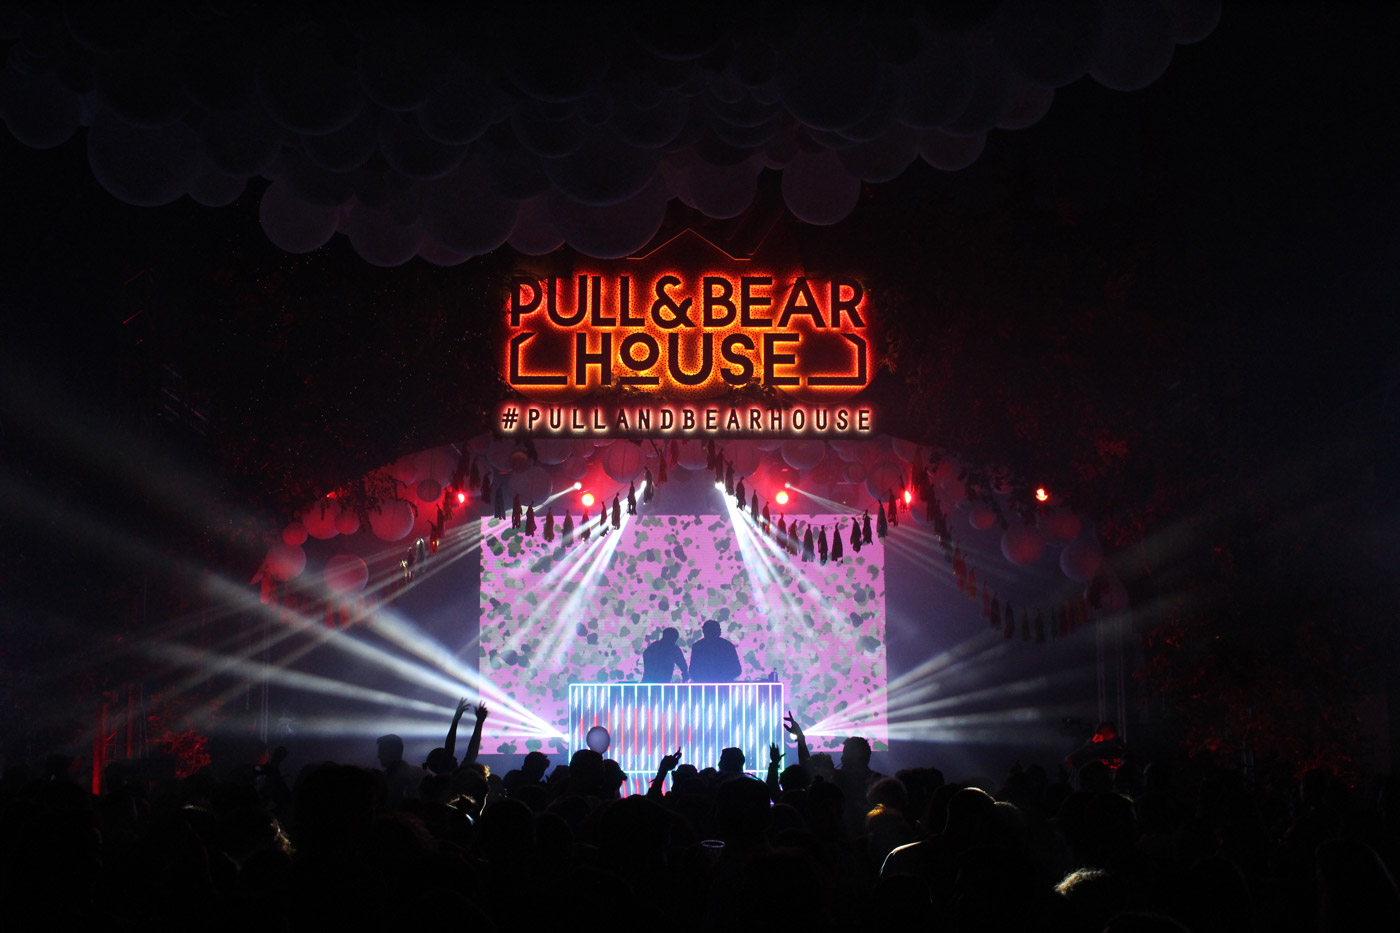 Producción técnica del evento de presentación de la nueva sede de Pull&Bear. Dirección ténica del evento. Gestión de presupuestos de los proveedores audiovisuales...